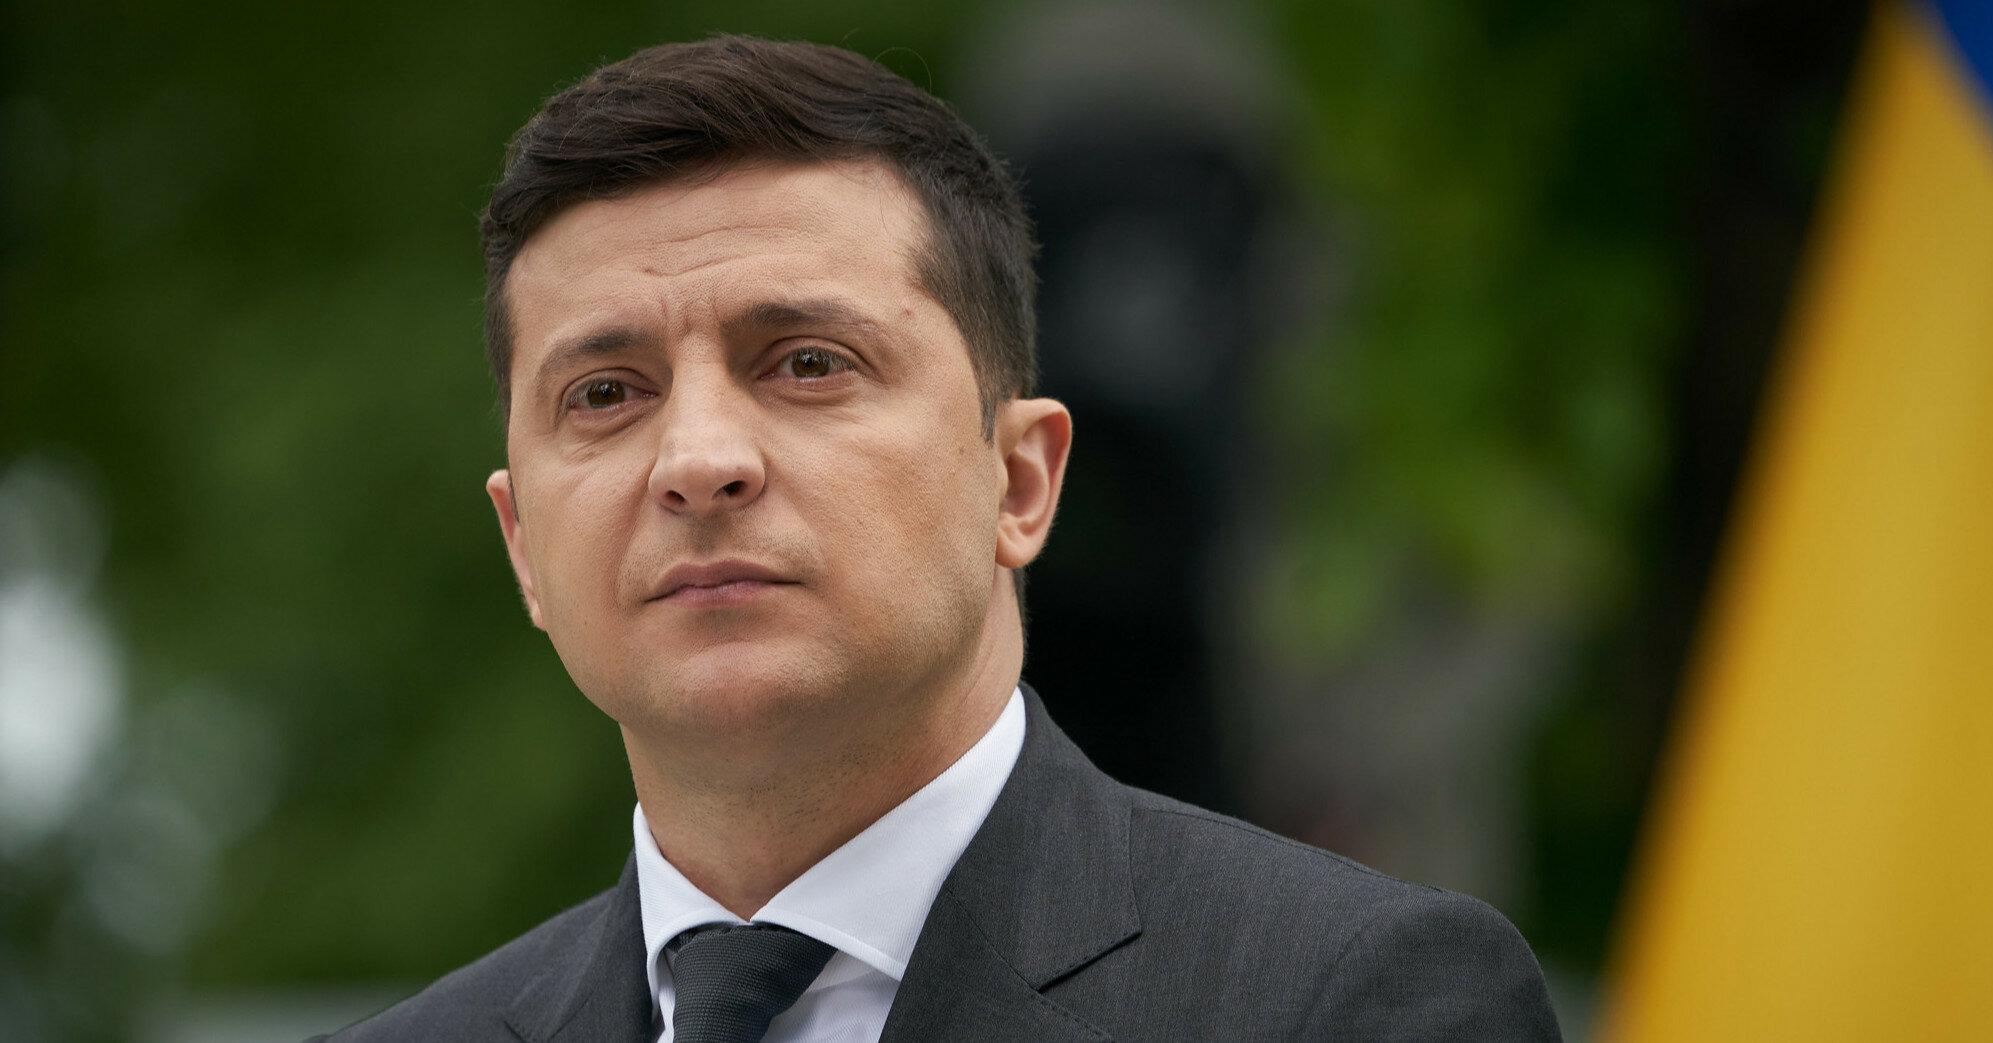 Зеленский и Бойко возглавляют рейтинг кандидатов на президентских выборах